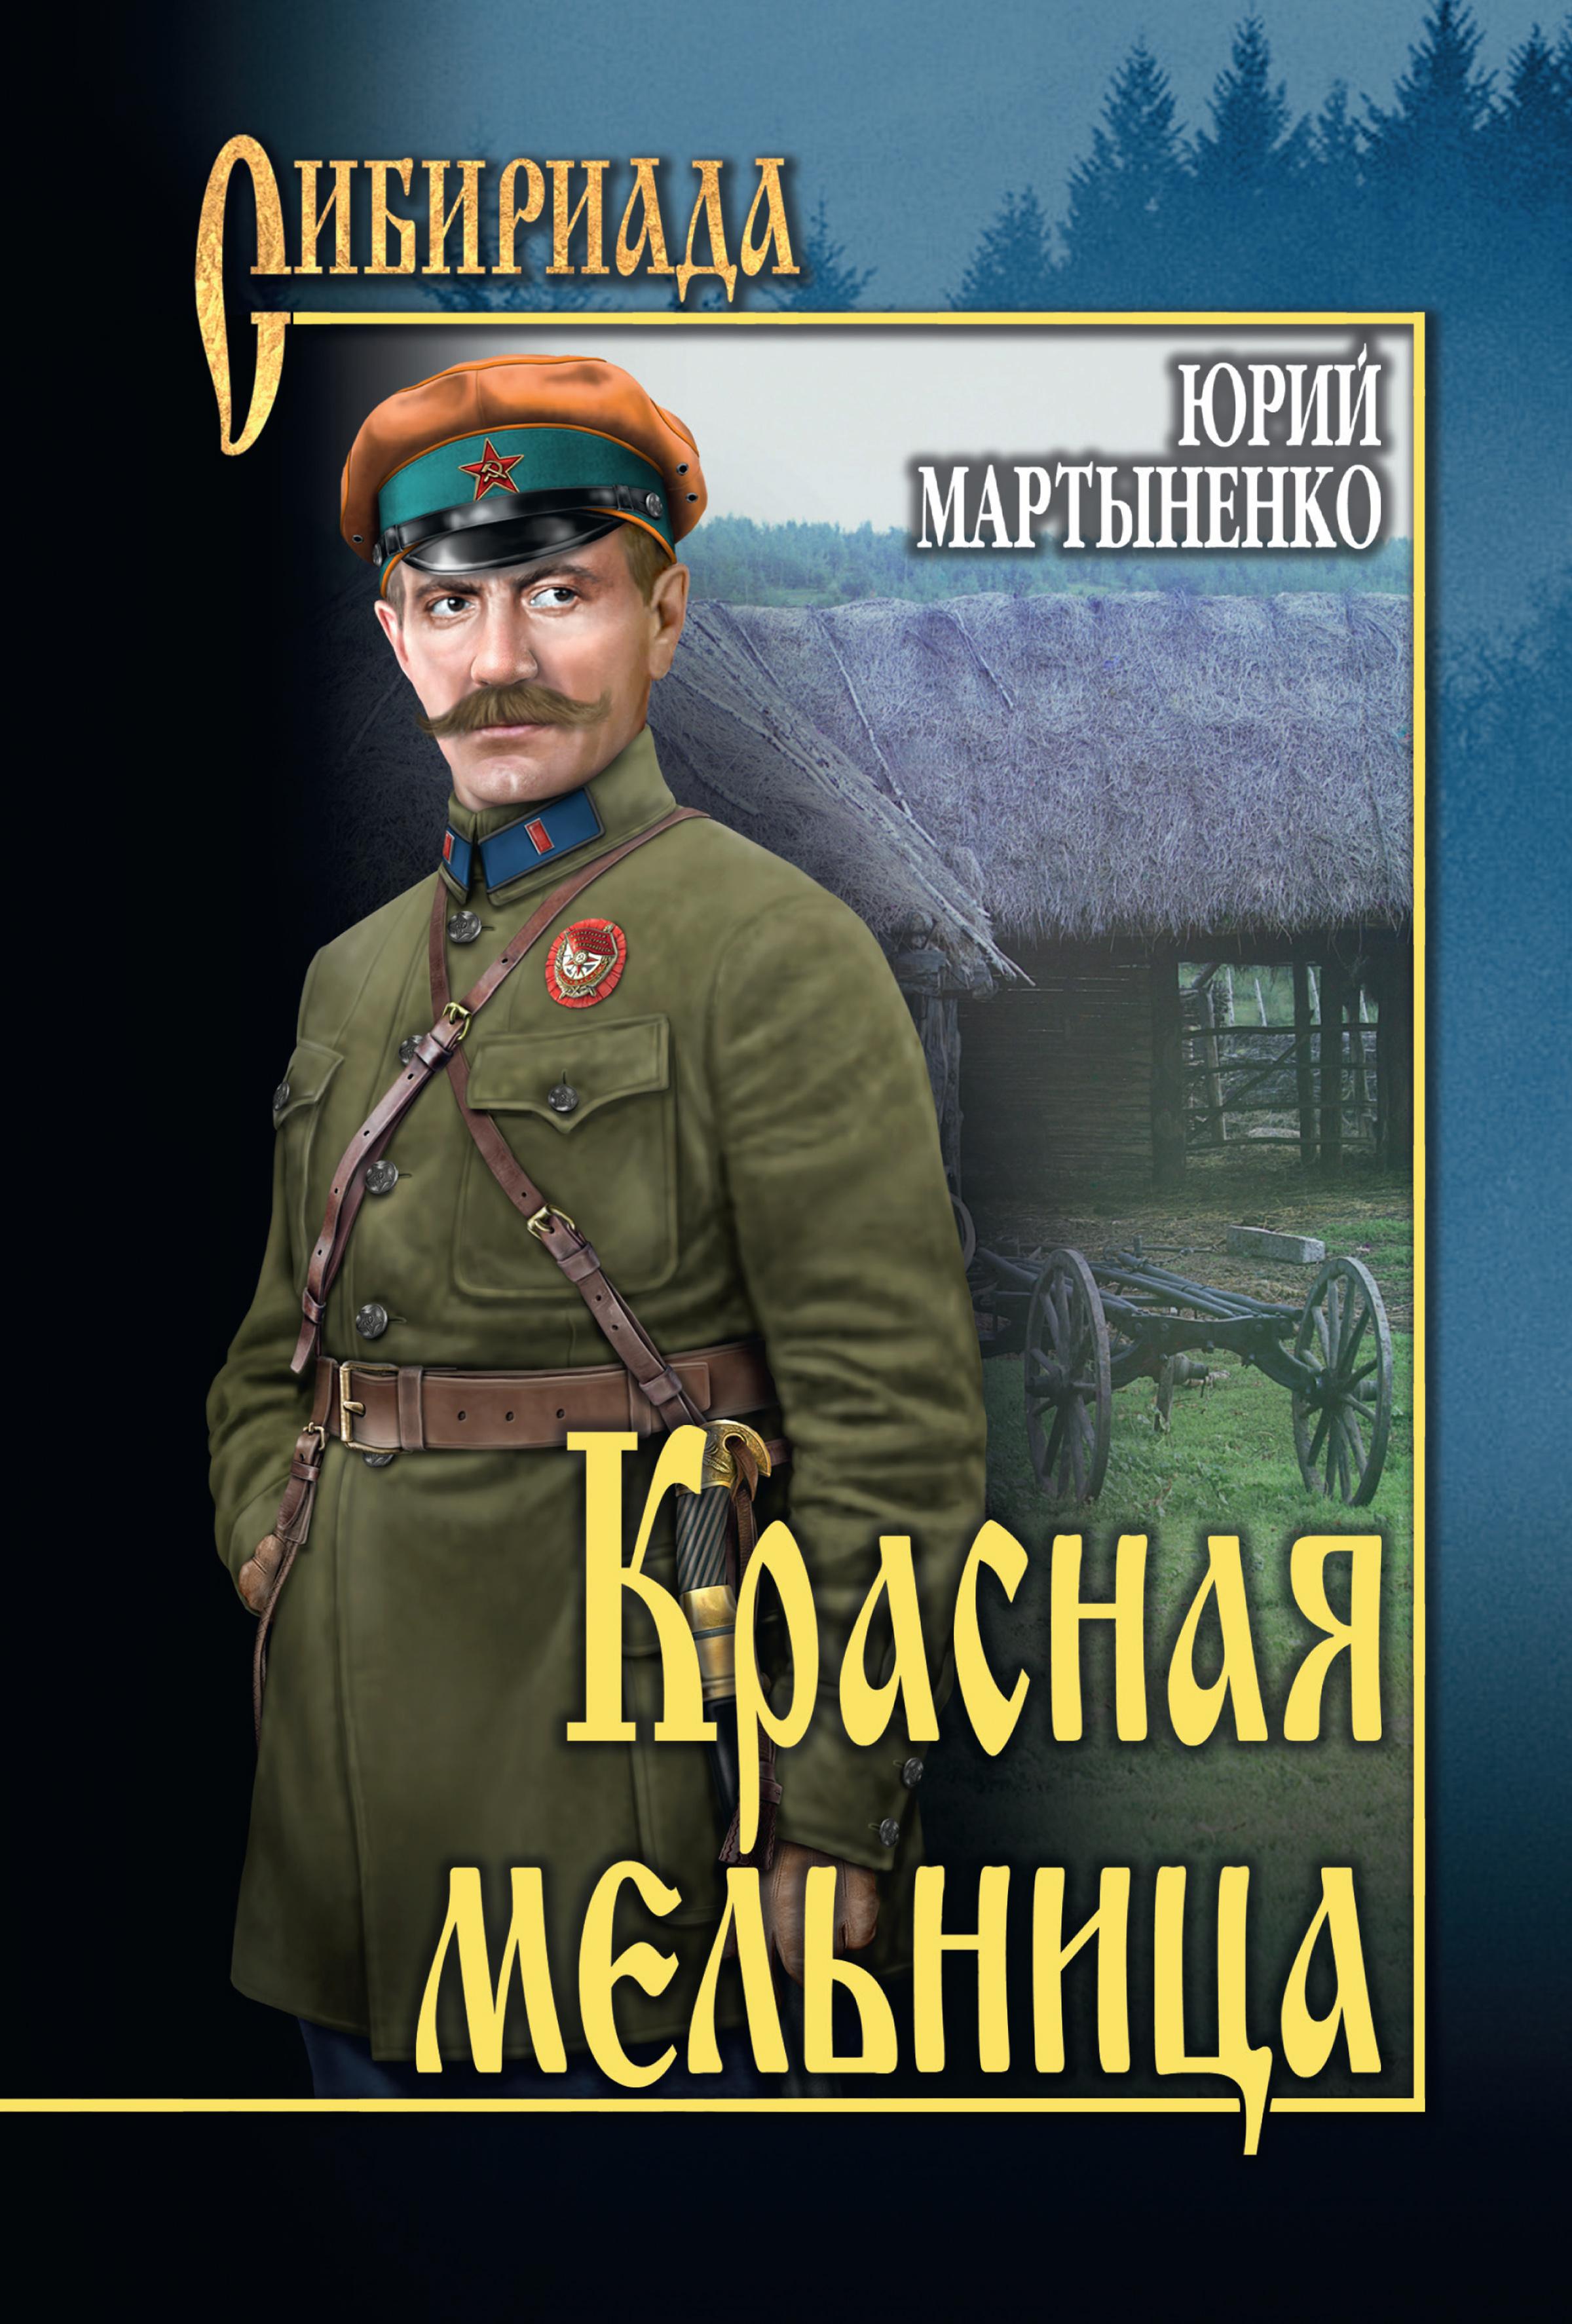 Юрий Мартыненко, Красная мельница – читать онлайн полностью – ЛитРес